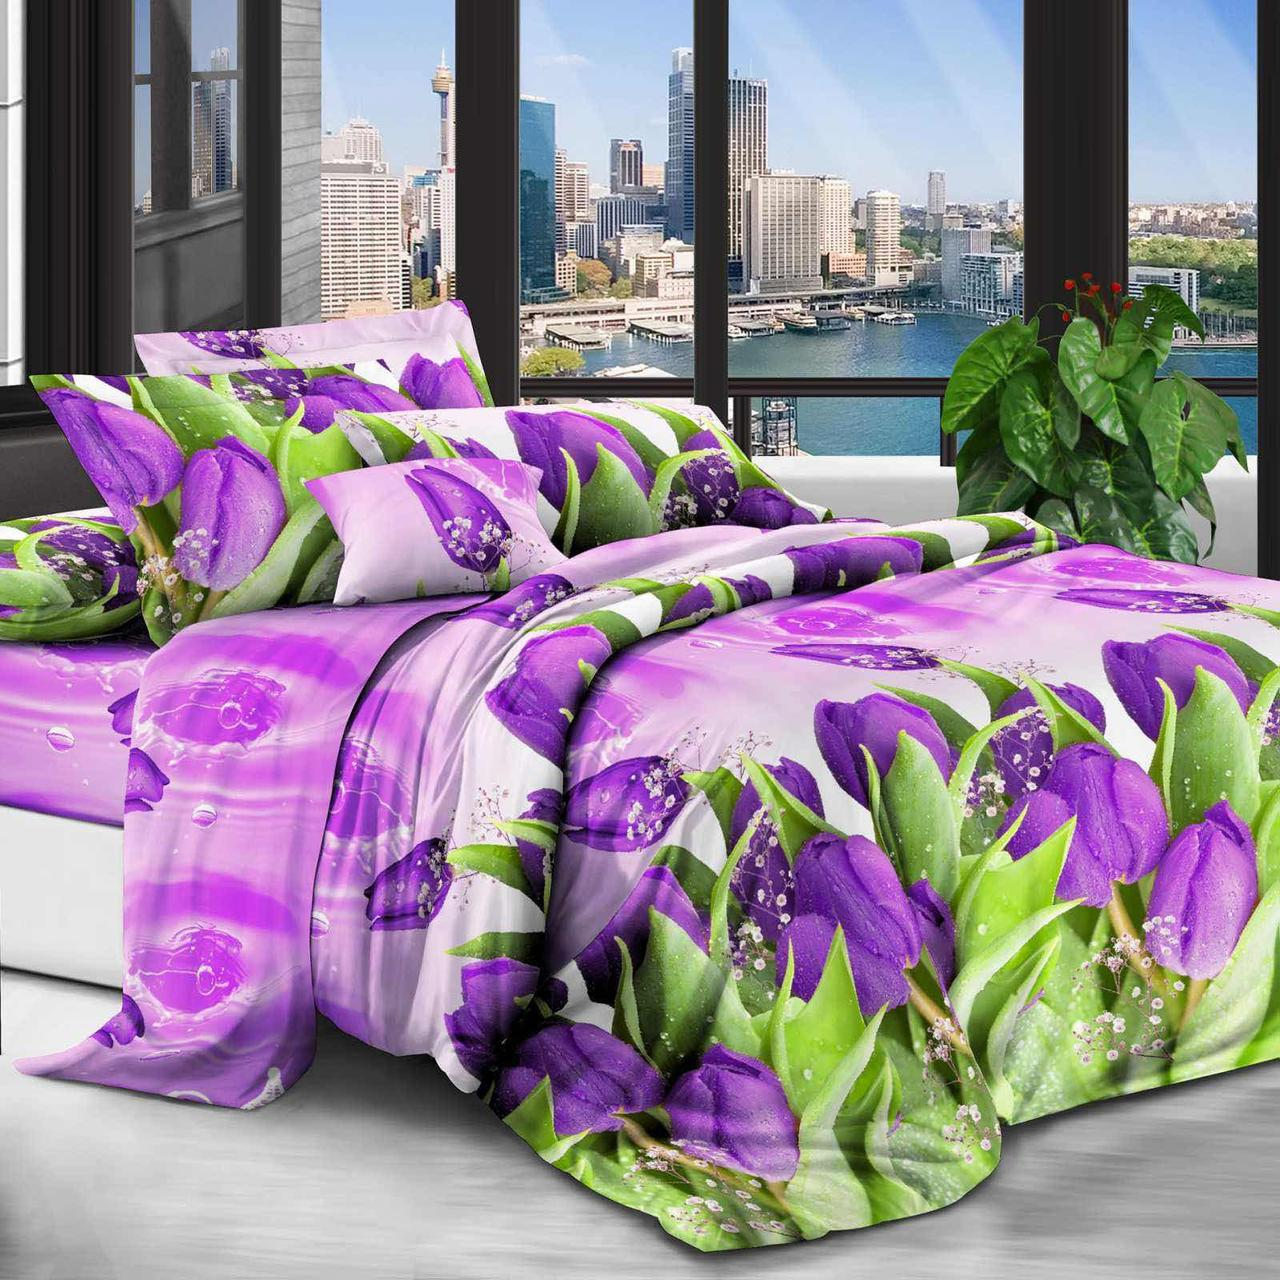 Двуспальный комплект постельного белья евро 200*220 хлопок  (14072) TM KRISPOL Украина